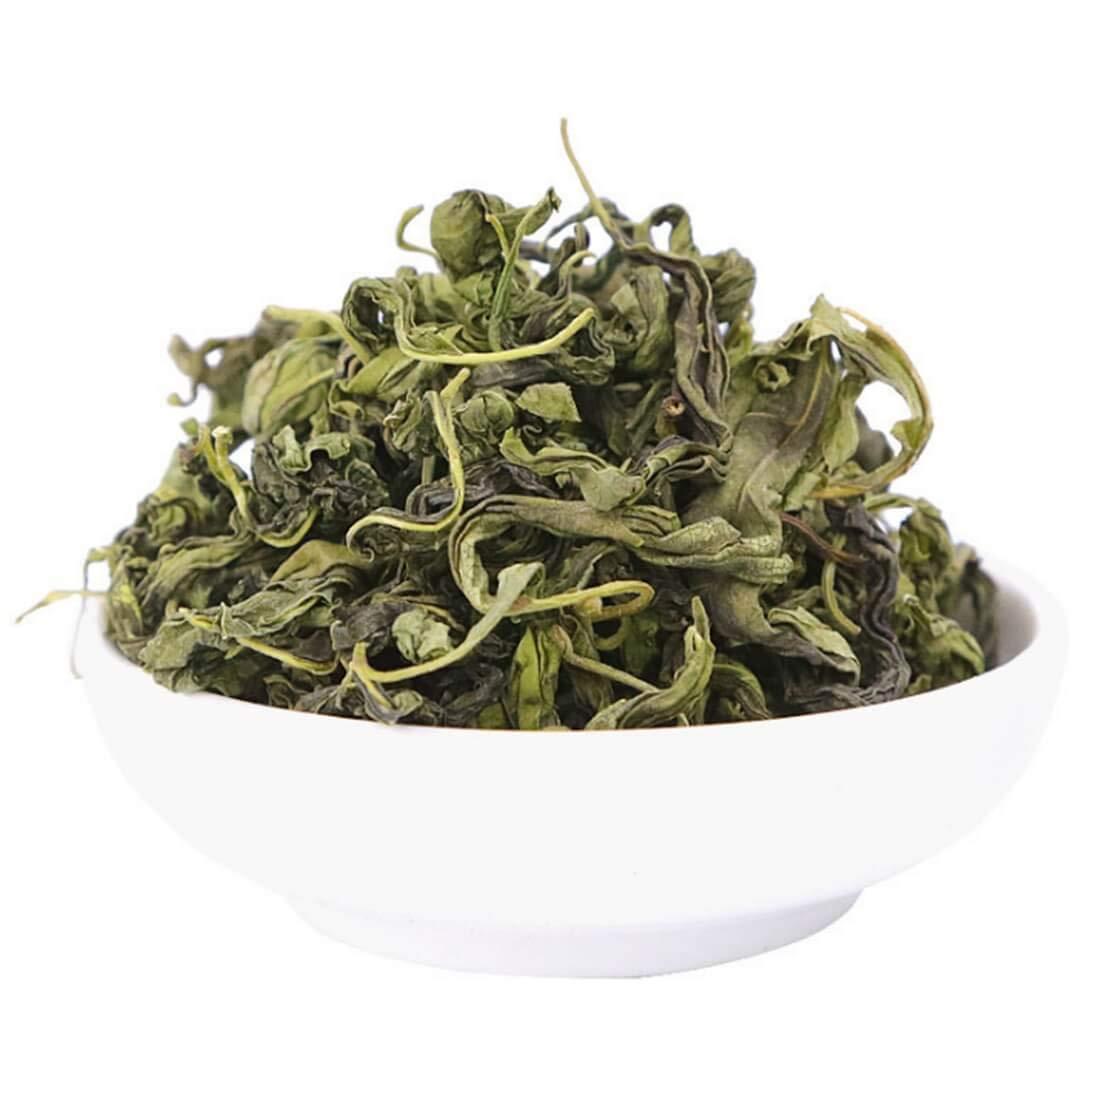 Northeast Changbai Mountain Cloves Leaf ounce 17.61 H Max 57% Omaha Mall OFF Tea 500g